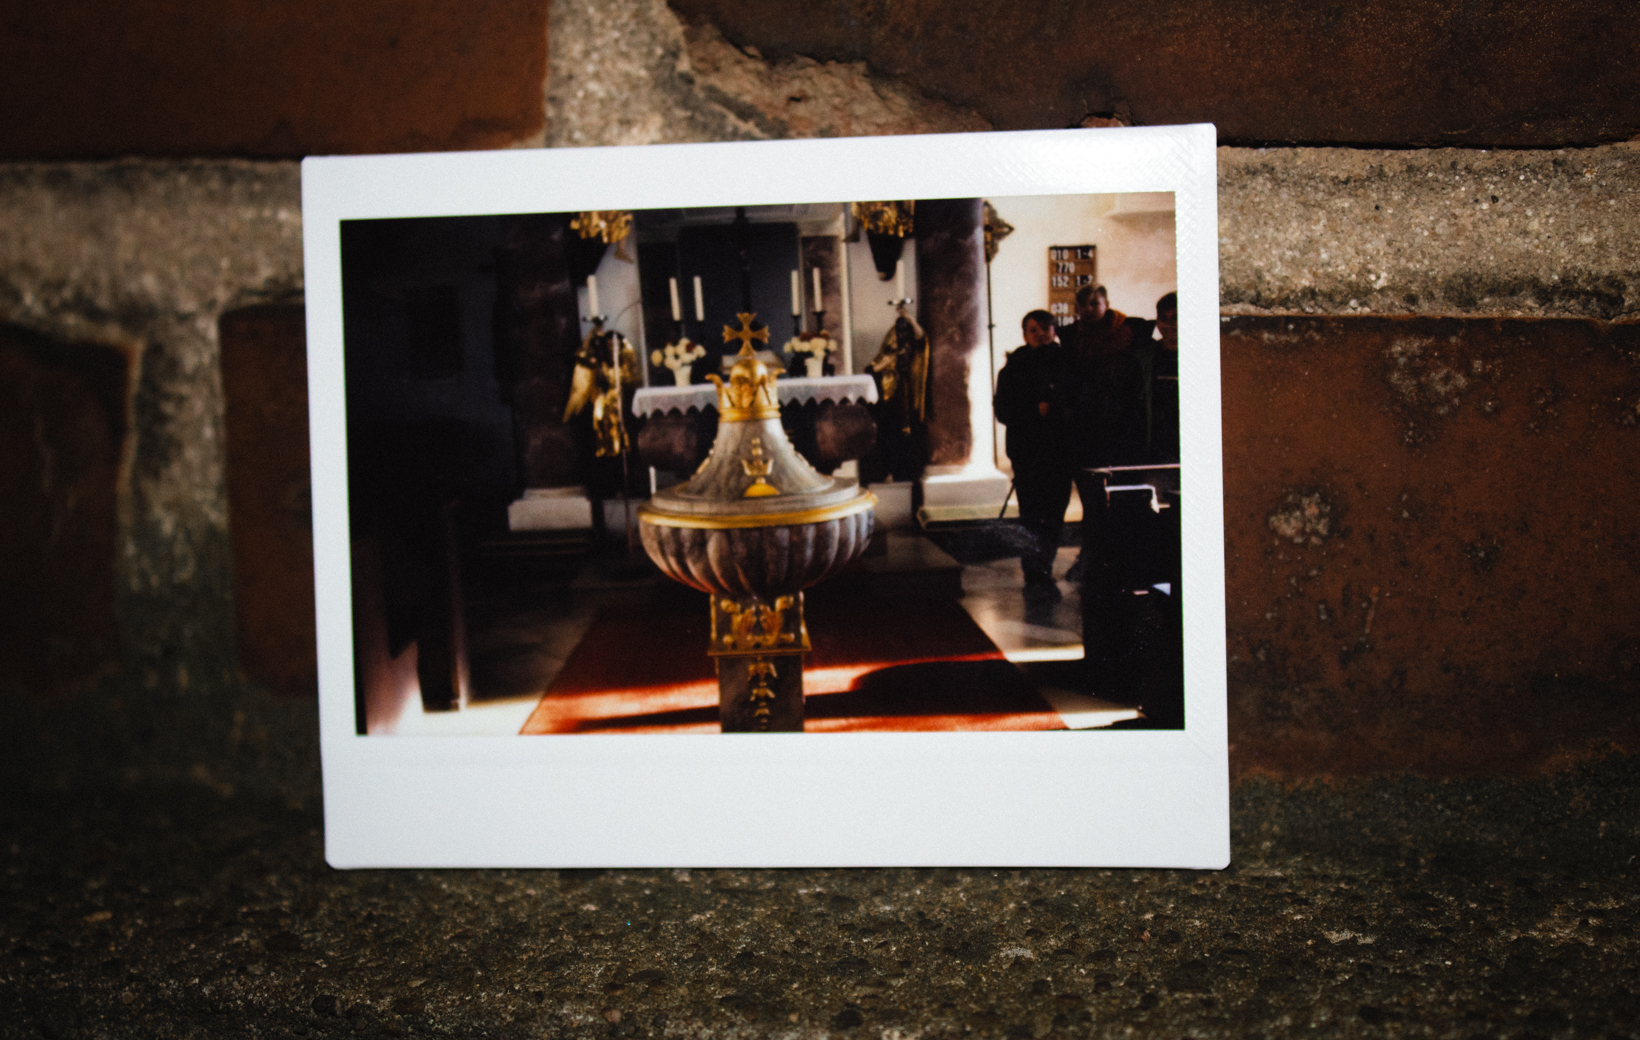 Das Bild zeigt ein Polaroid von einem Taufbecken